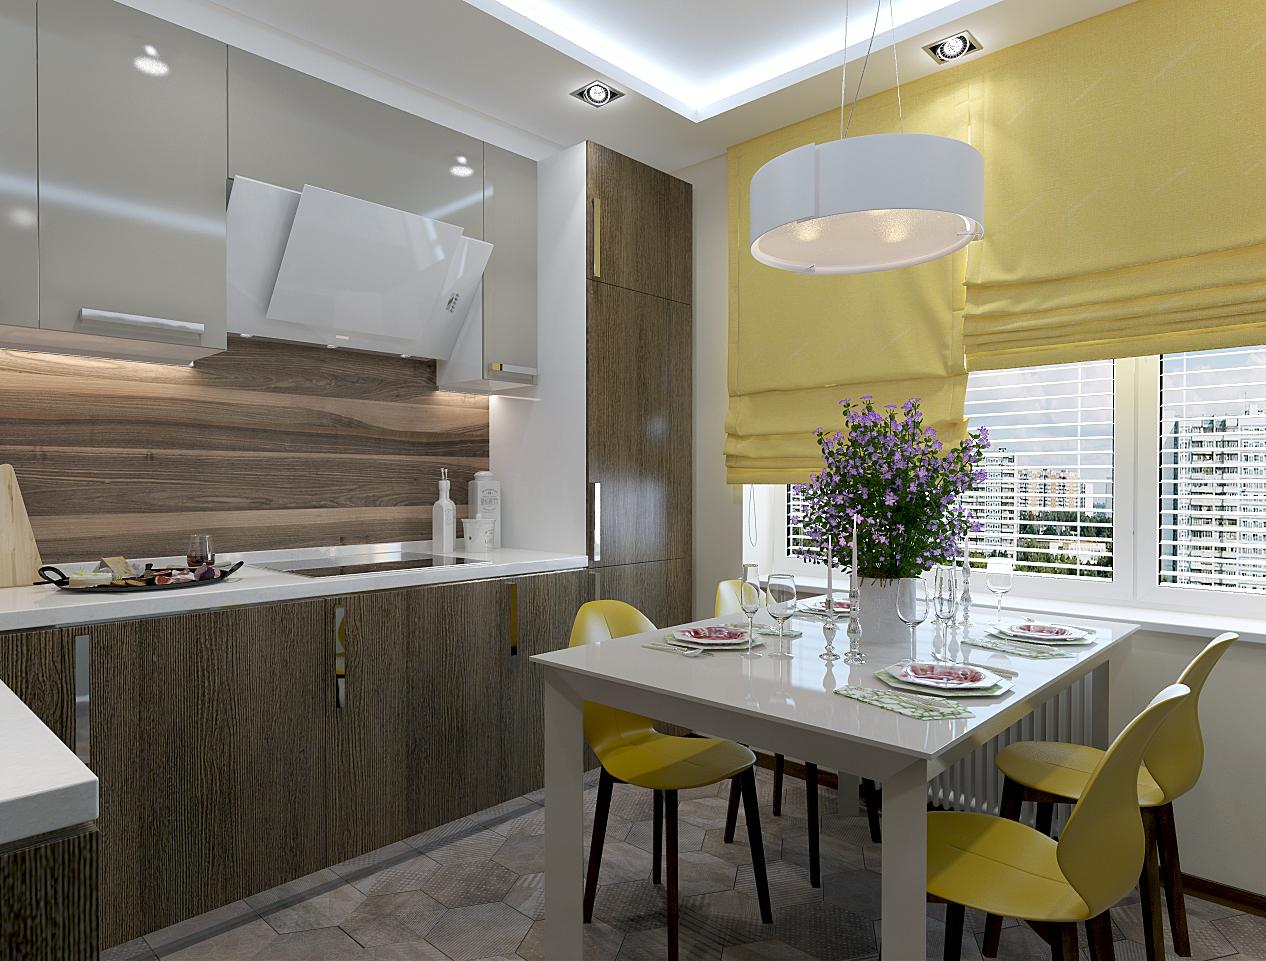 Дизайн проект кухни 10 кв.м. п44т